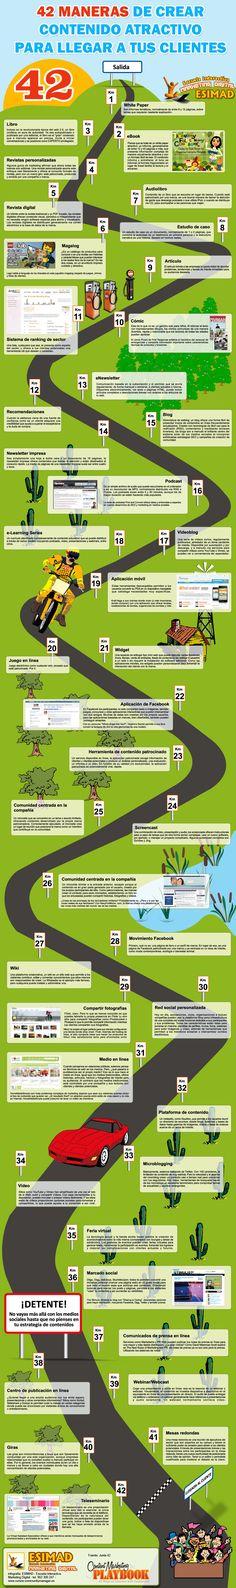 42 maneras de crear contenido atractivo #infografia #infographic #socialmedia